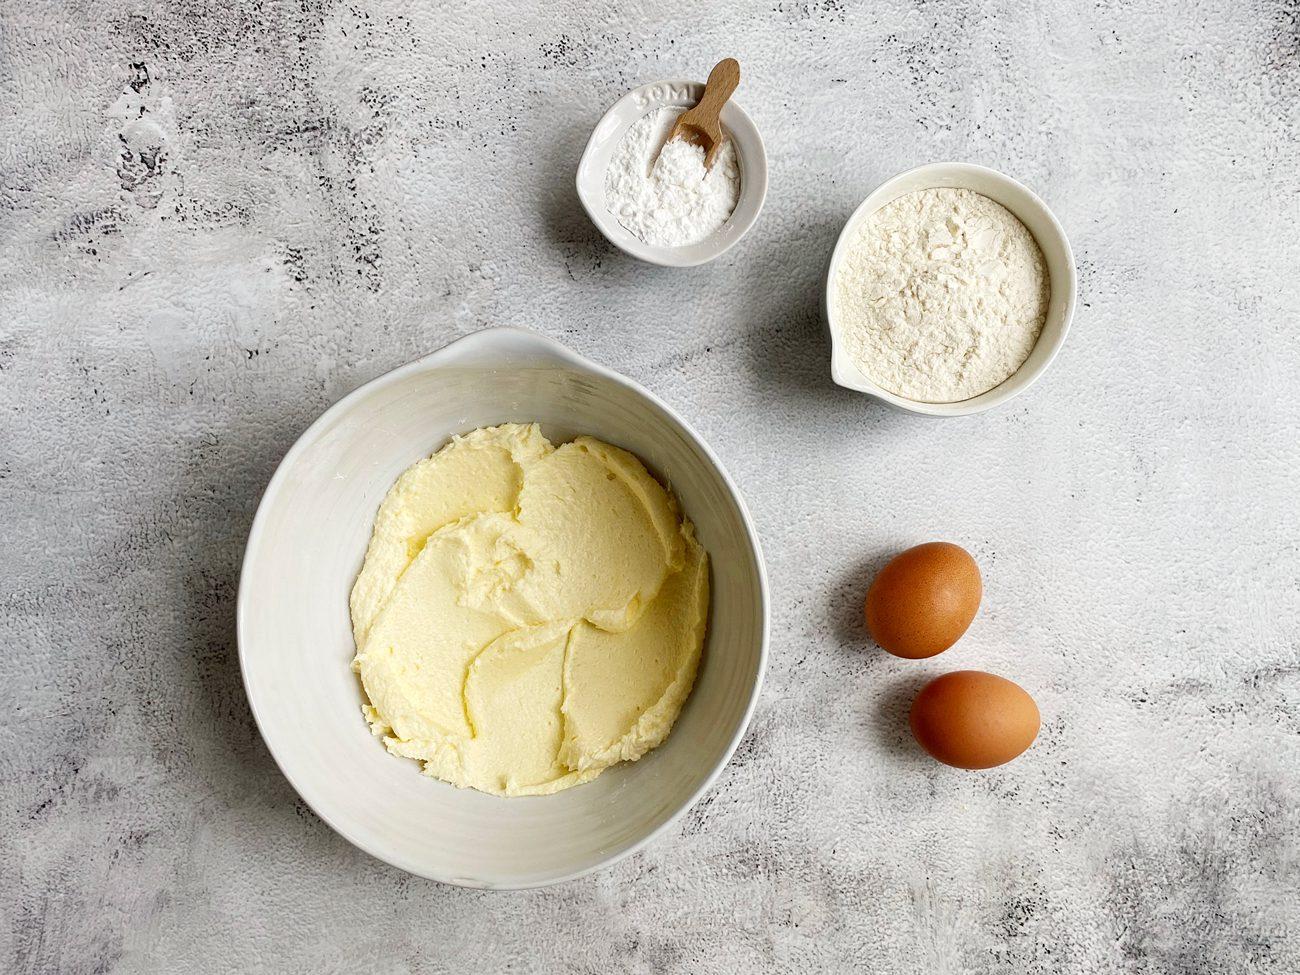 Geklopte boter en suiker: een egale witte massa.